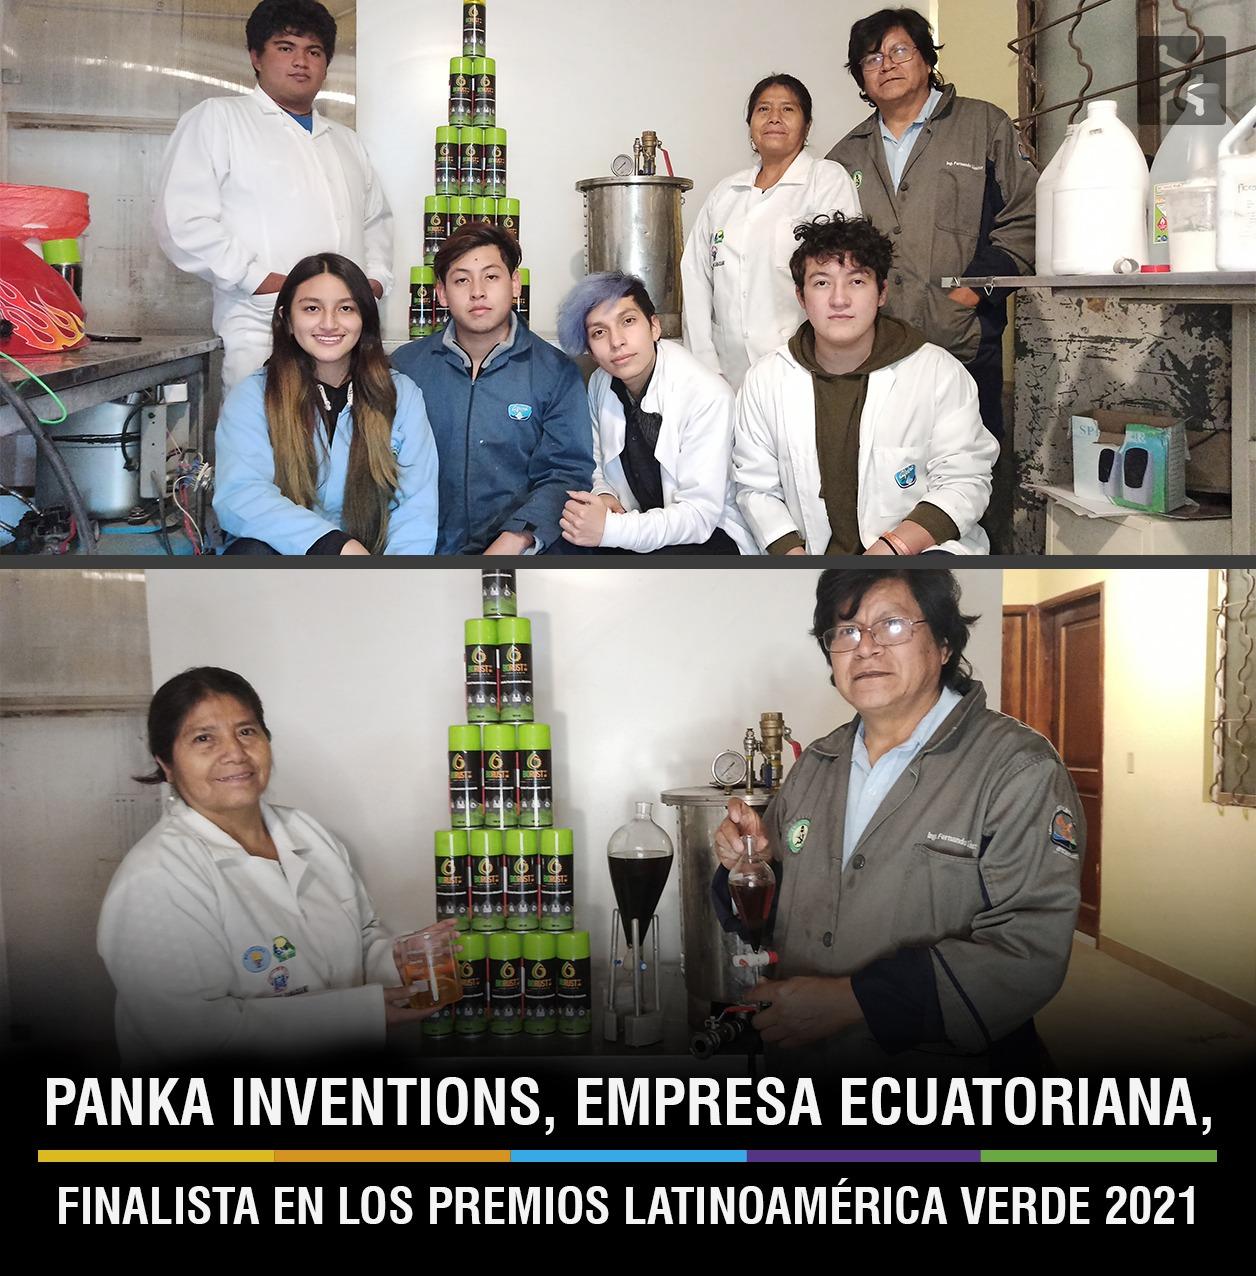 PANKA INVENTIONS, EMPRESA ECUATORIANA, FINALISTA EN LOS PREMIOS LATINOAMÉRICA VERDE 2021